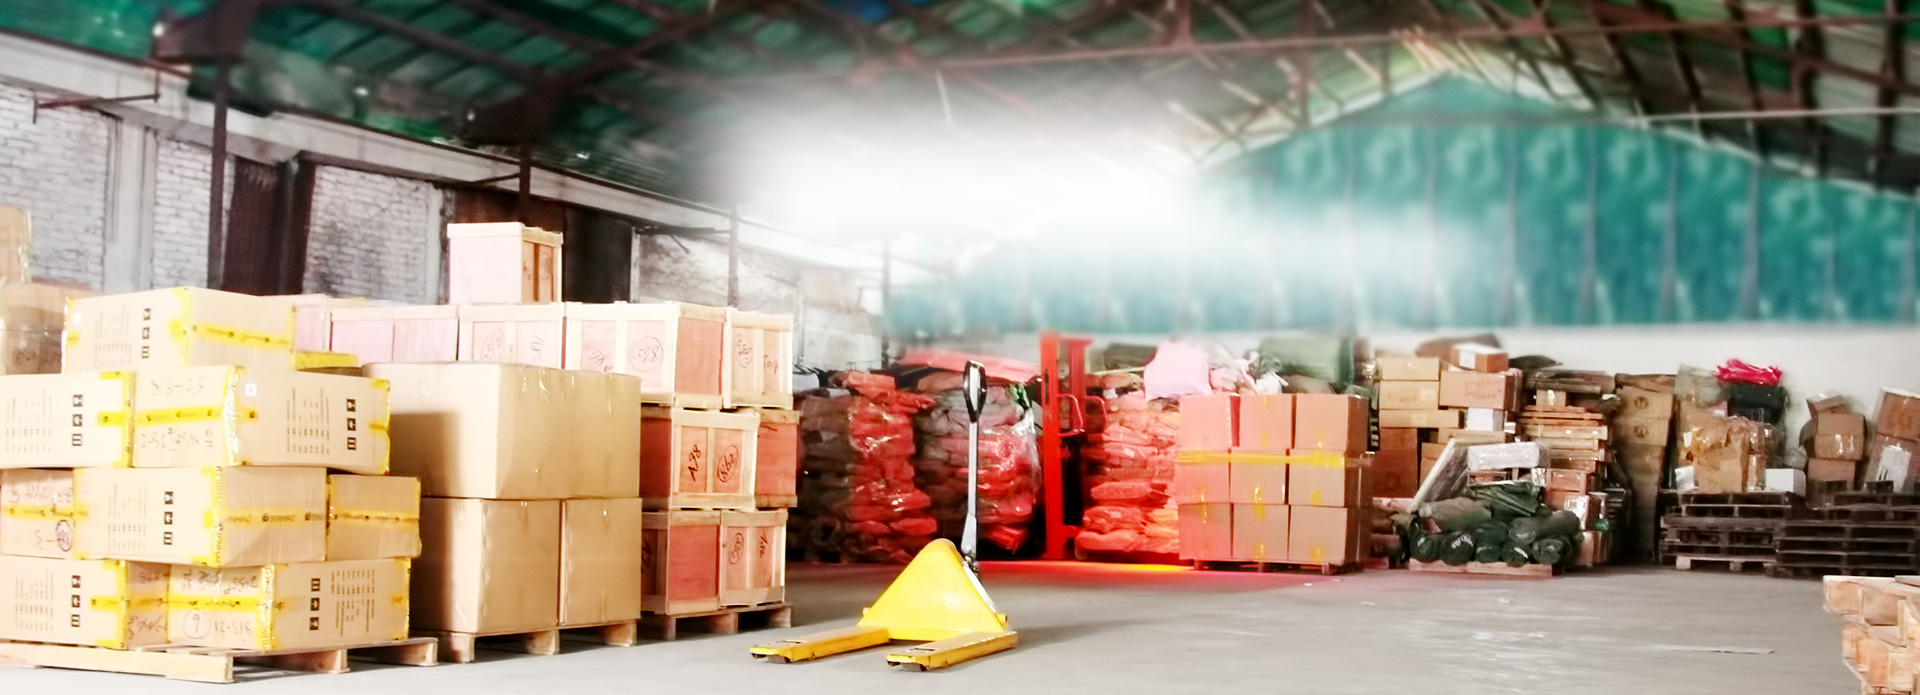 доставка товаров из японии в москву